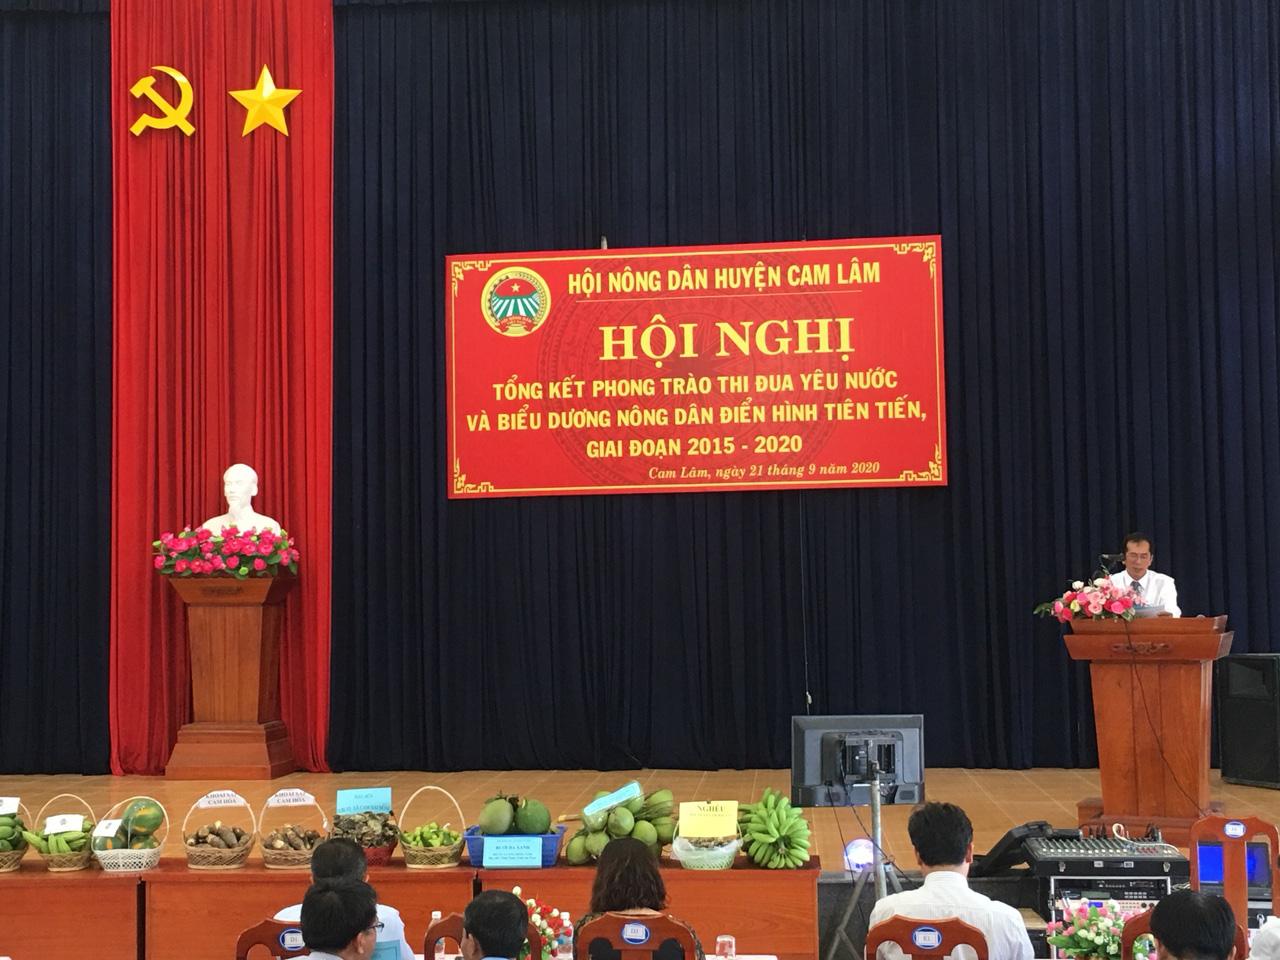 Khánh Hòa: Phát hiện các gương điển hình và nhân tố mới - Ảnh 1.